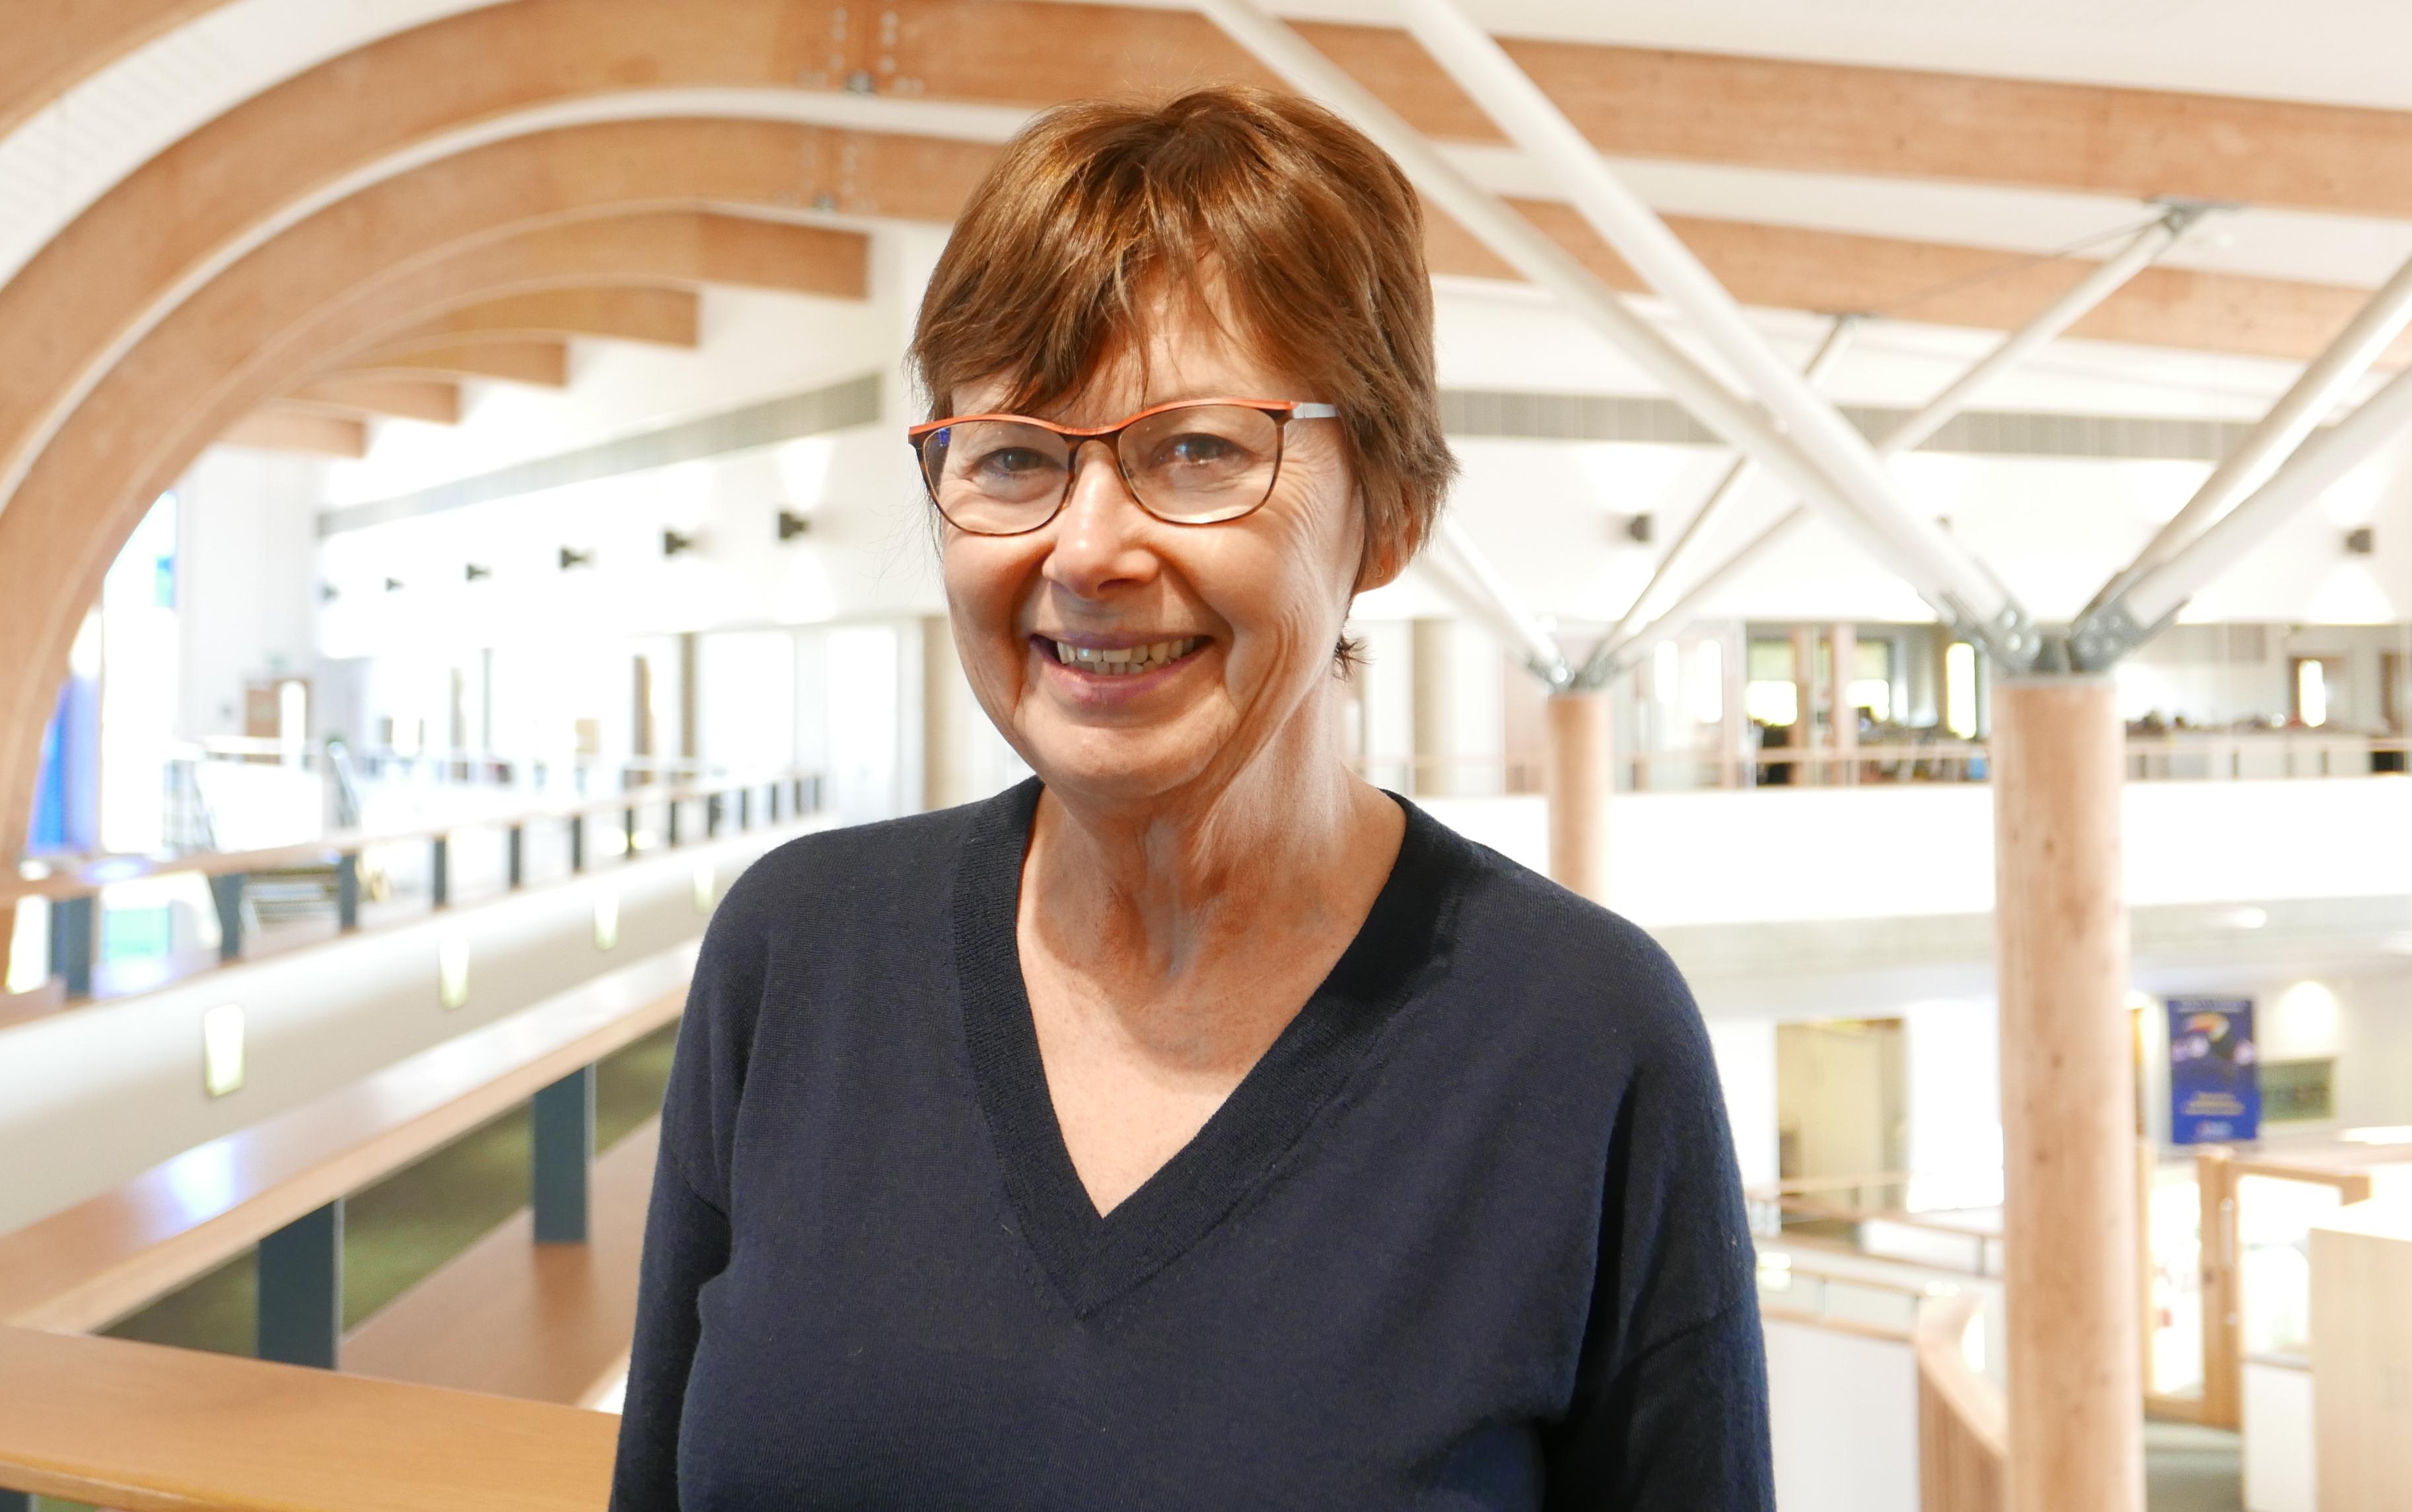 Angela Cropley